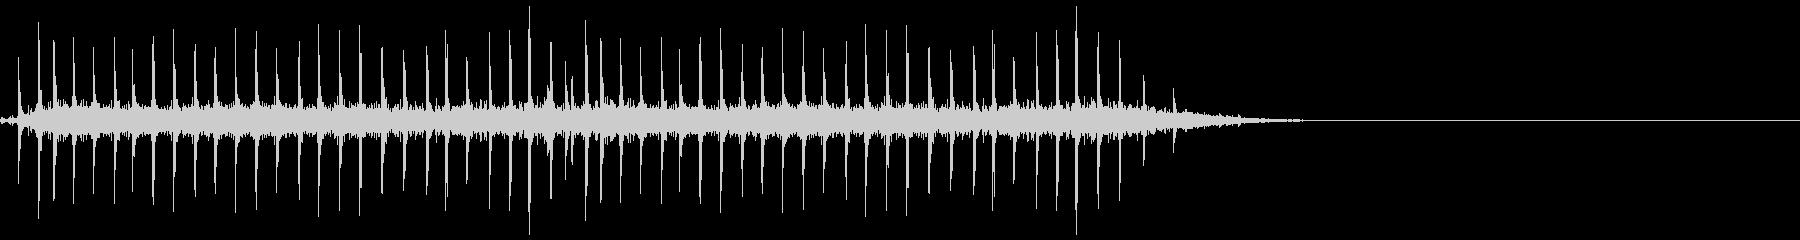 昔の時刻表のパタパタした音の未再生の波形